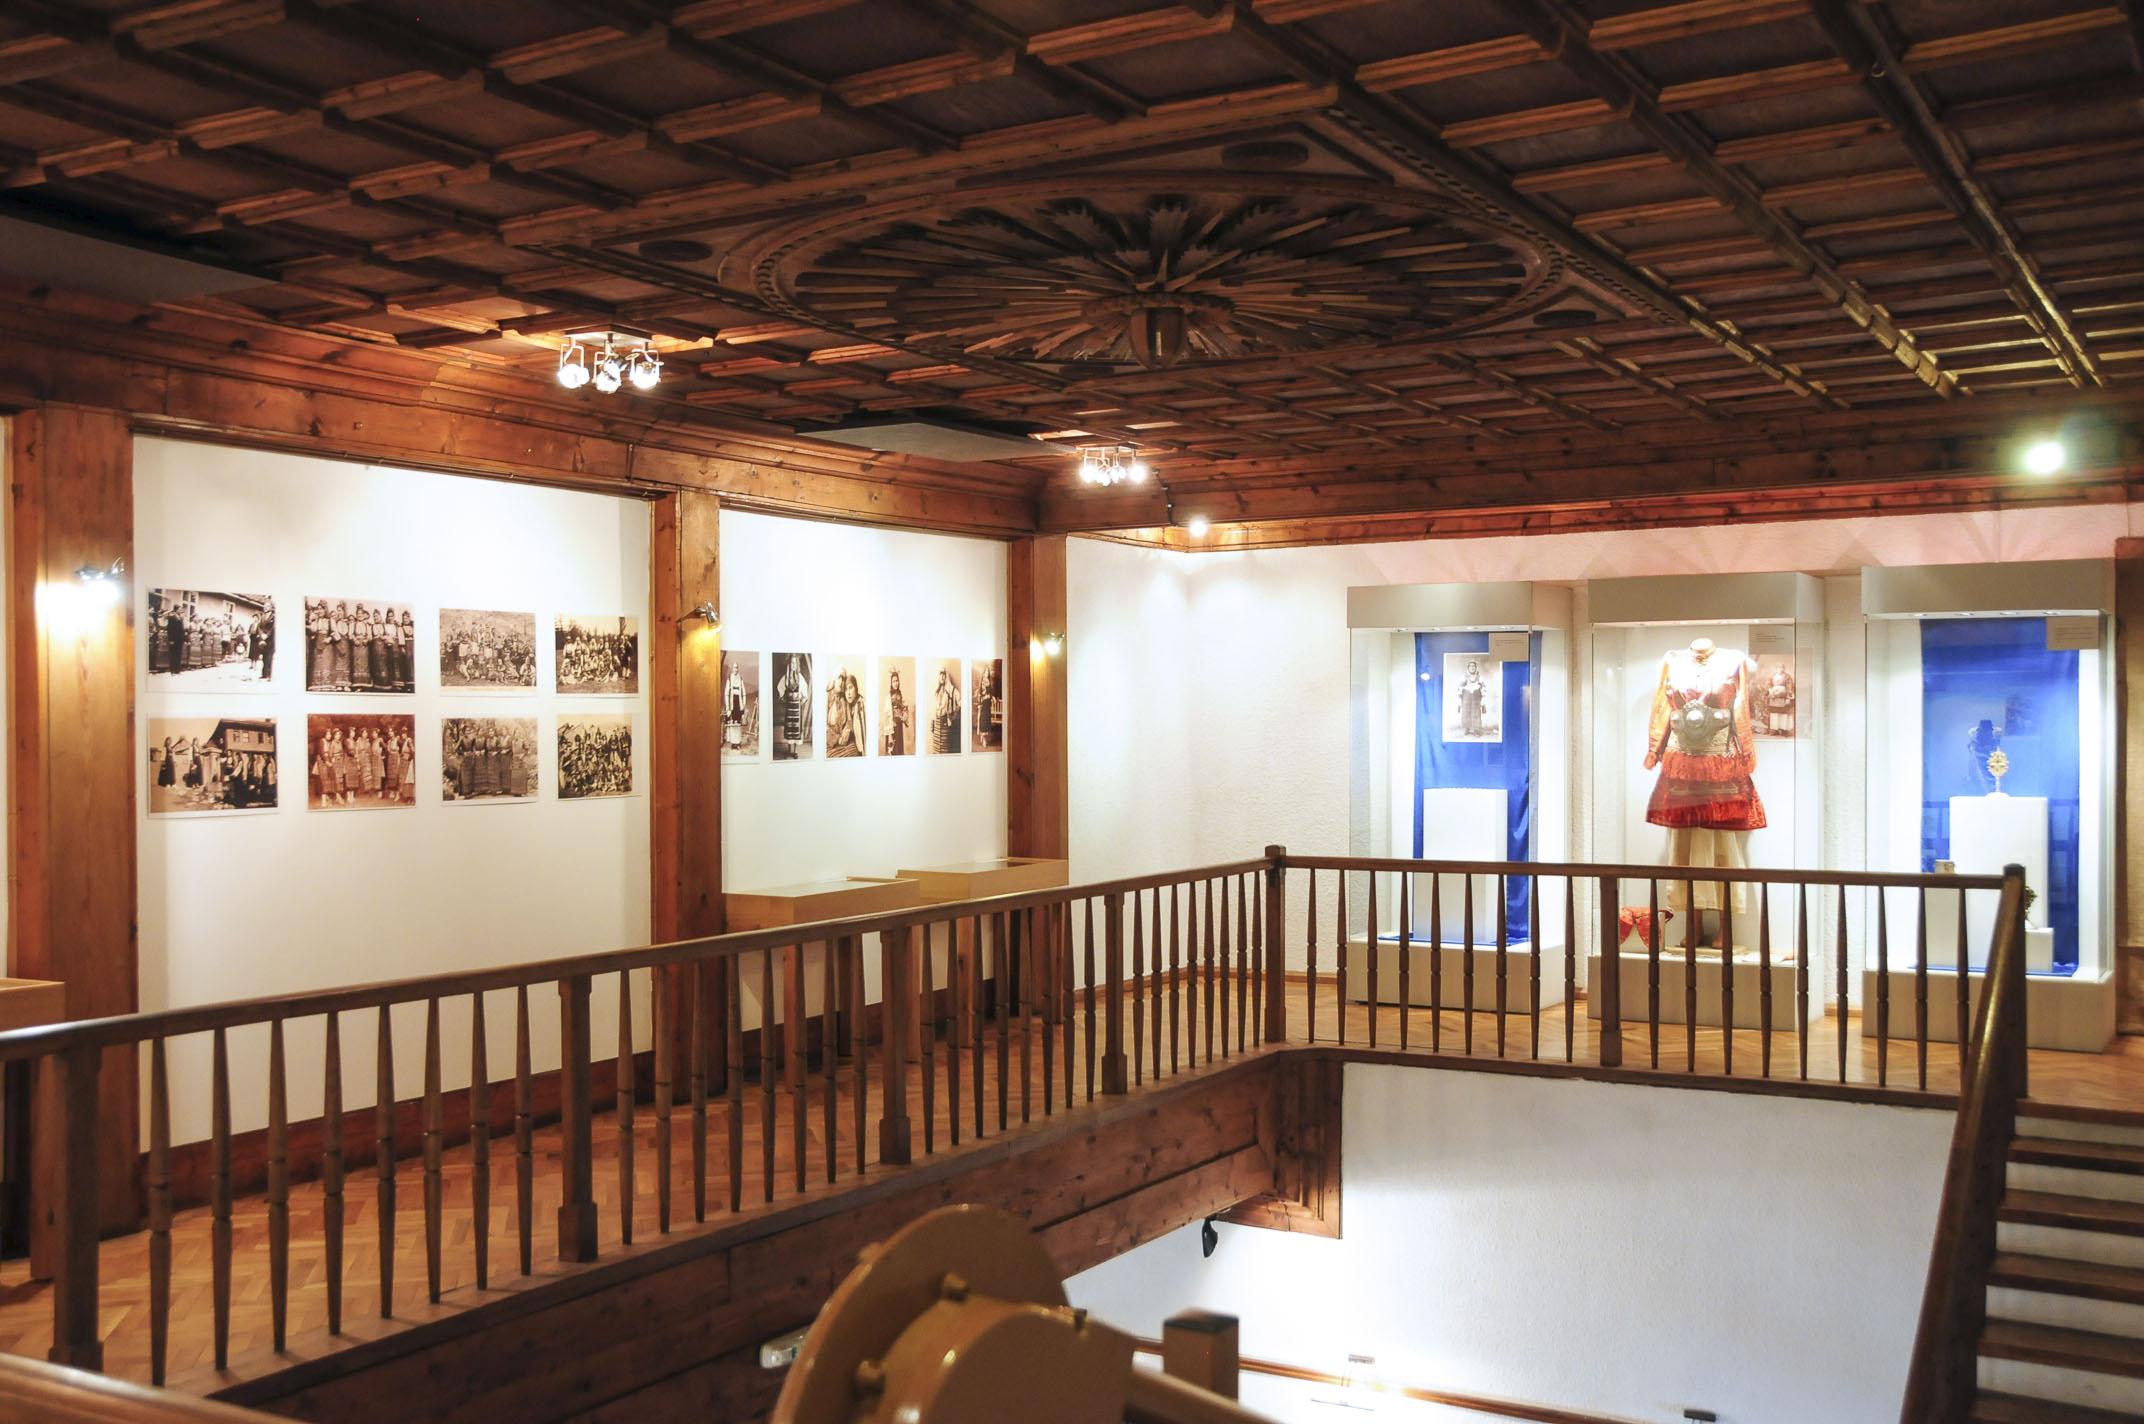 troyan-museum-bylgarsko-zlatarsko-izkustvo-41